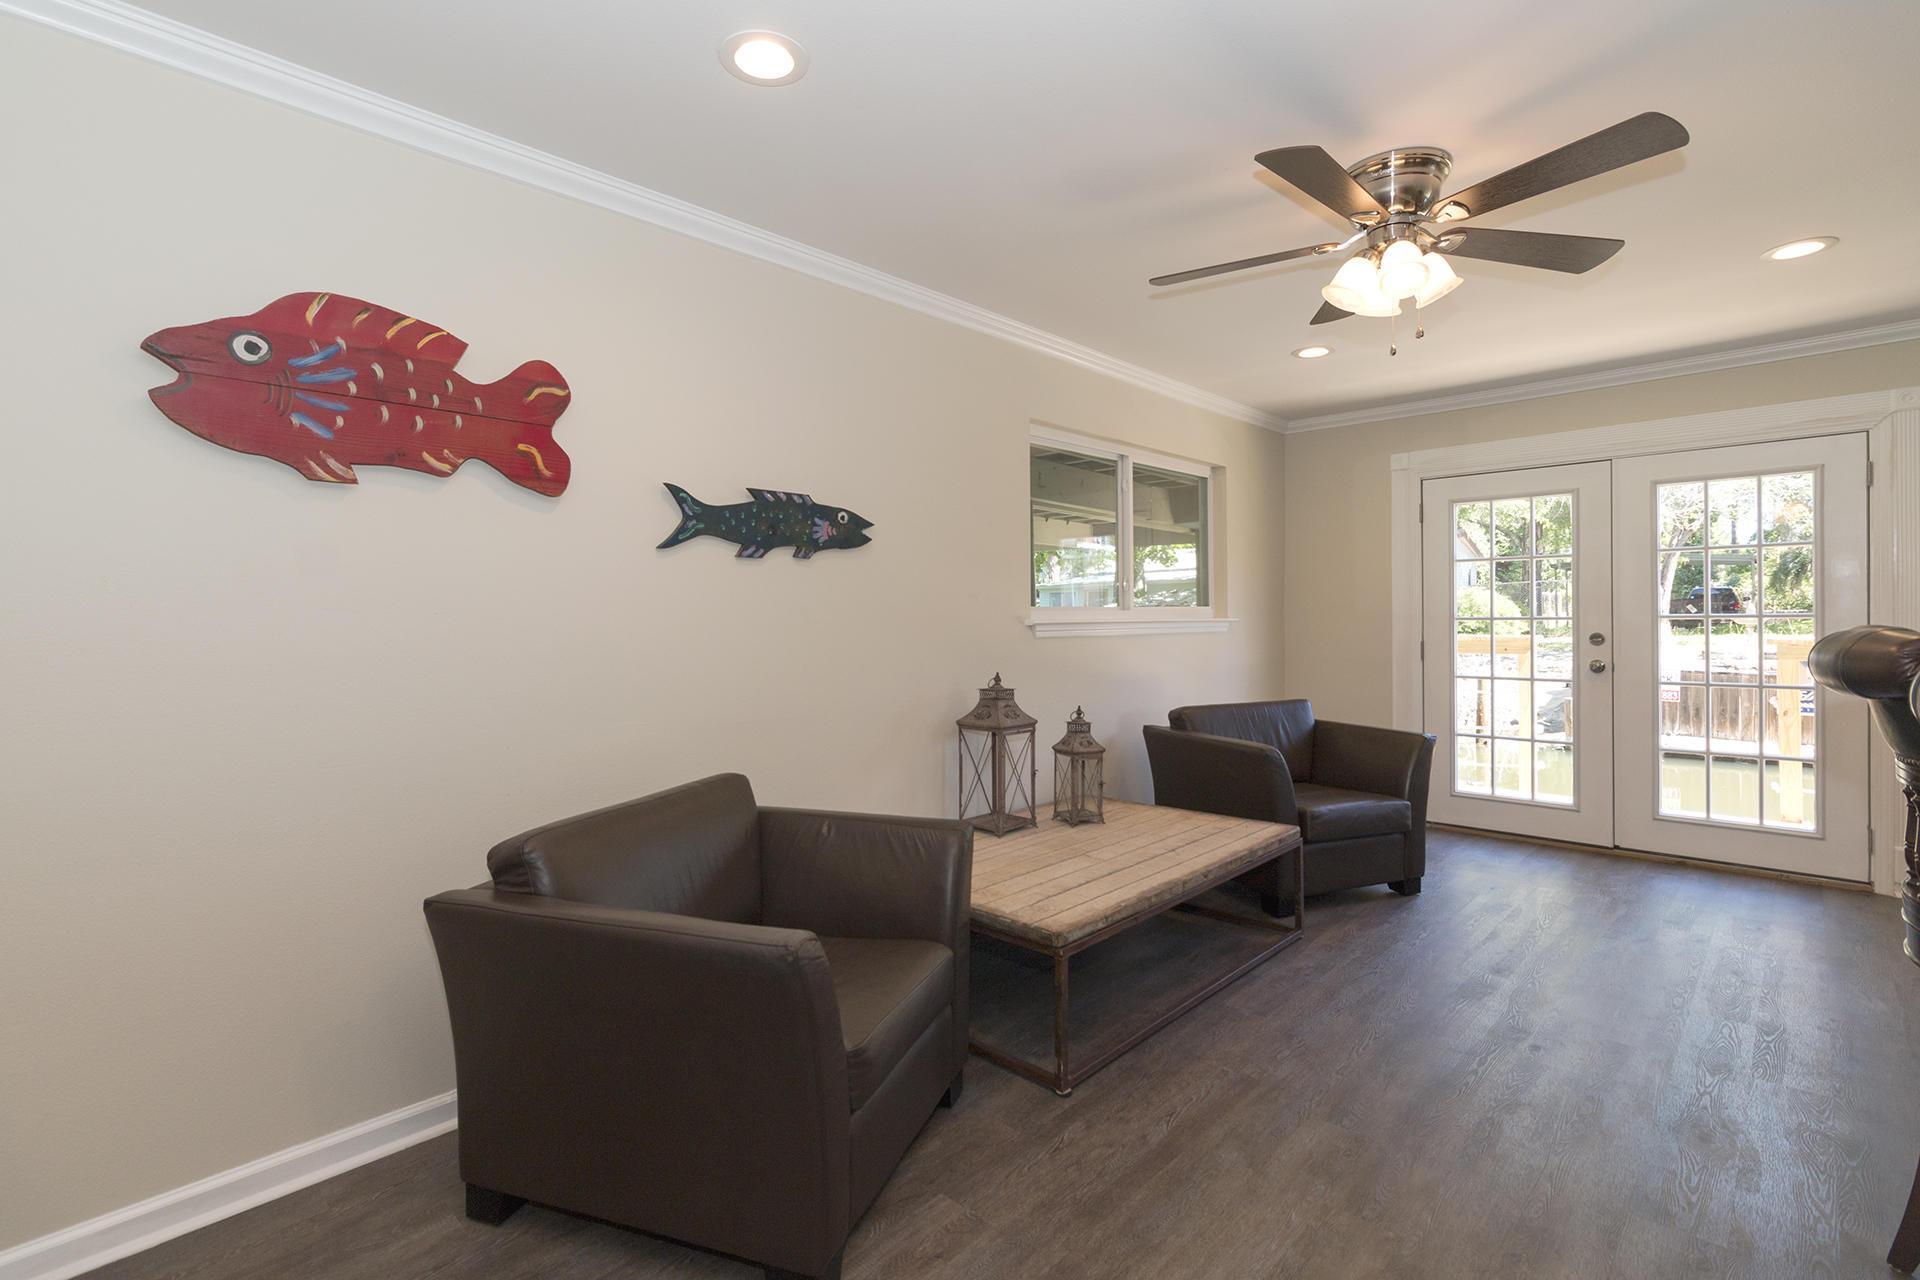 11 Bayou Road - $275000